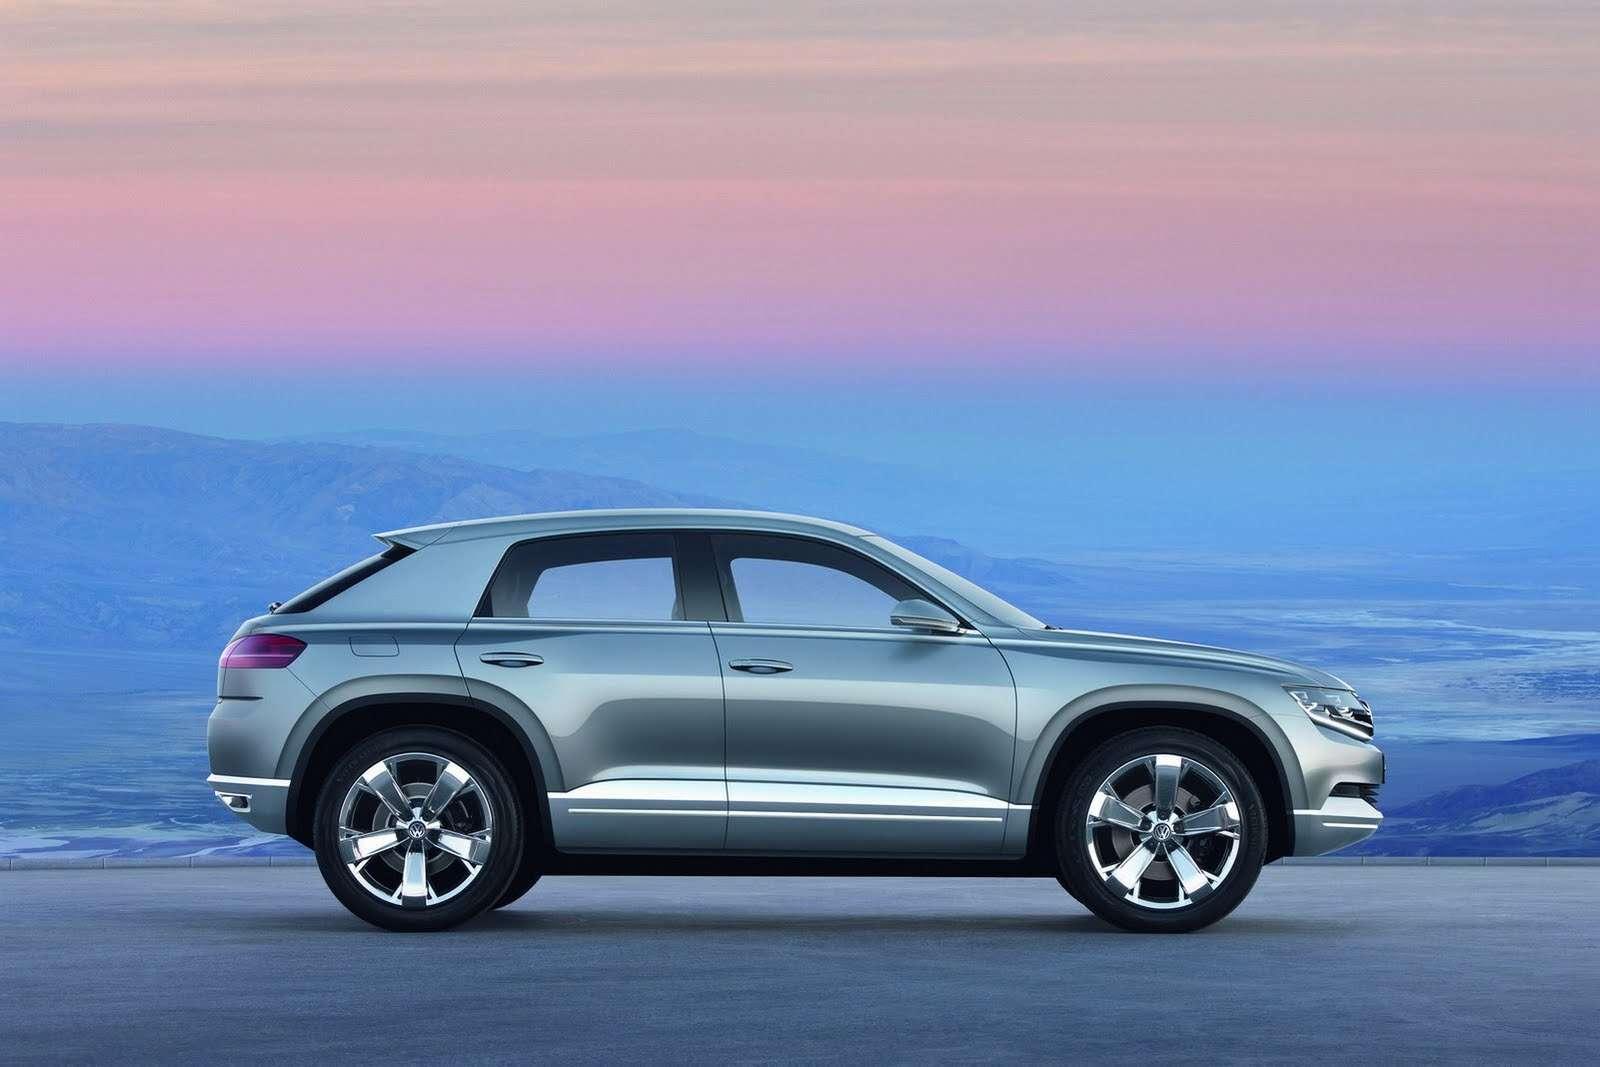 Volkswagen-Cross-Coupe-Concept-Carscoop10